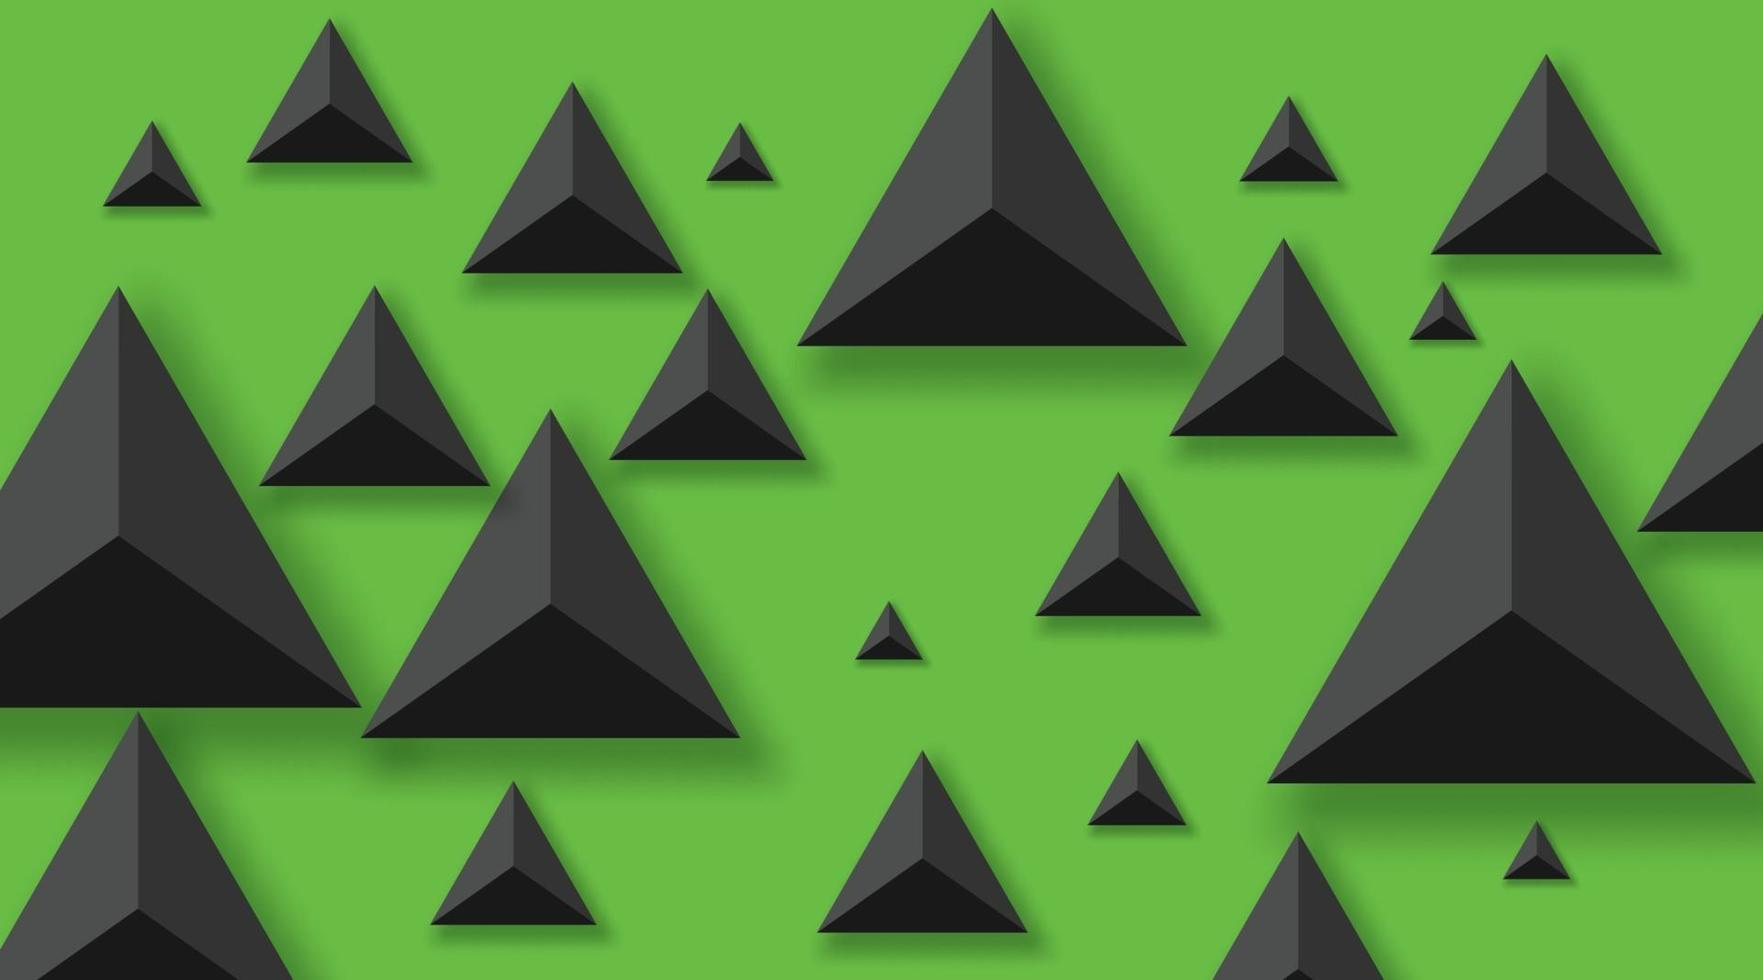 fundo abstrato com triângulos pretos. realista e 3D. ilustração vetorial sobre fundo verde. vetor